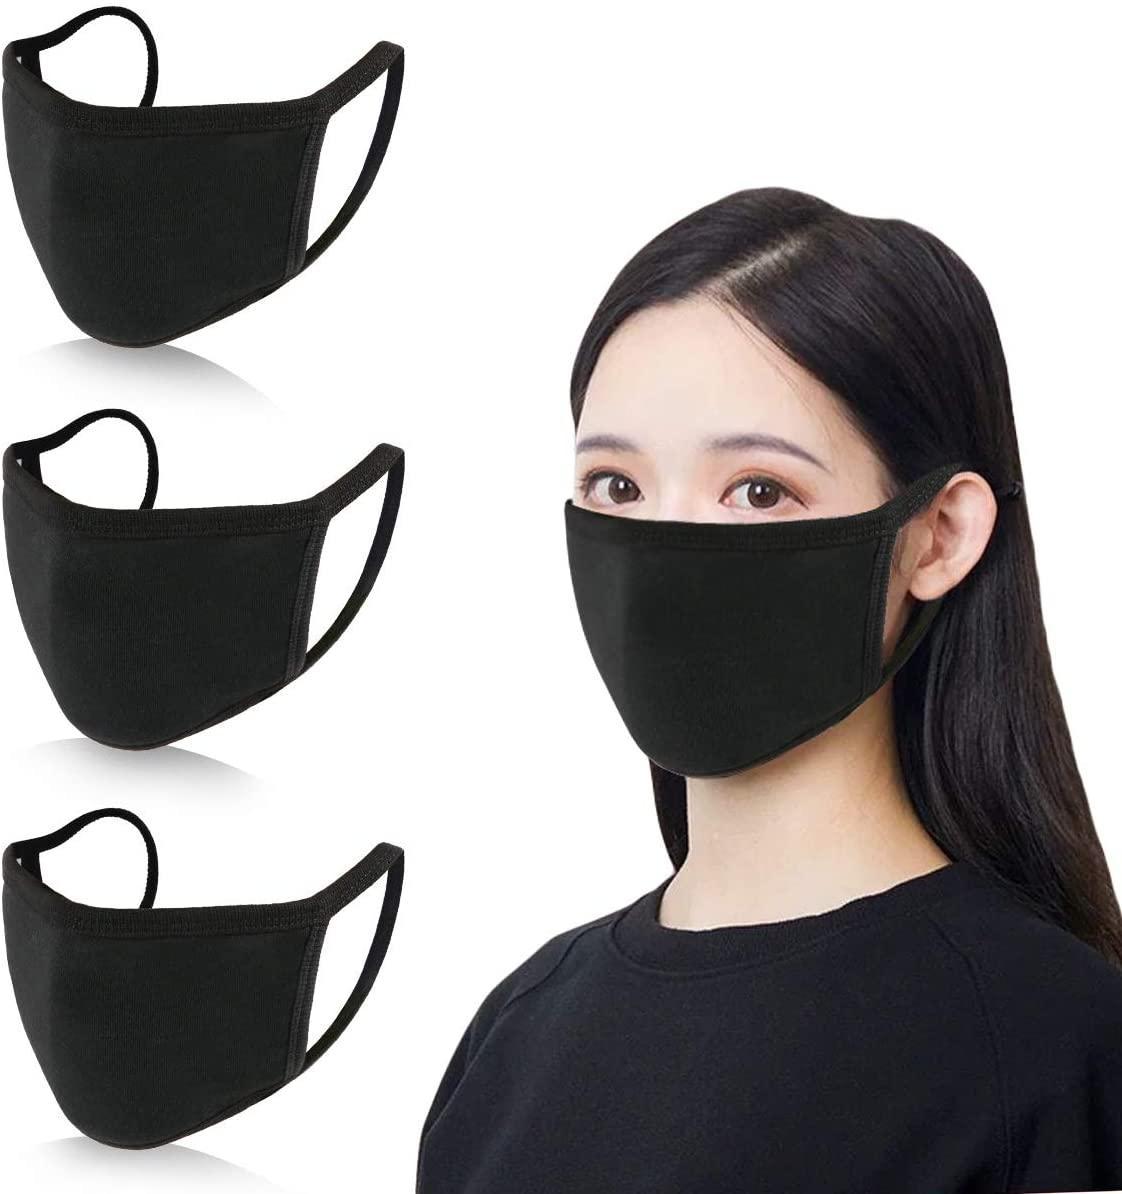 progettista della maschera di protezione di cotone nero grigio Mask Bocca Maschera Anti PM2.5 filtro al carbone attivo stile coreano BWB3098